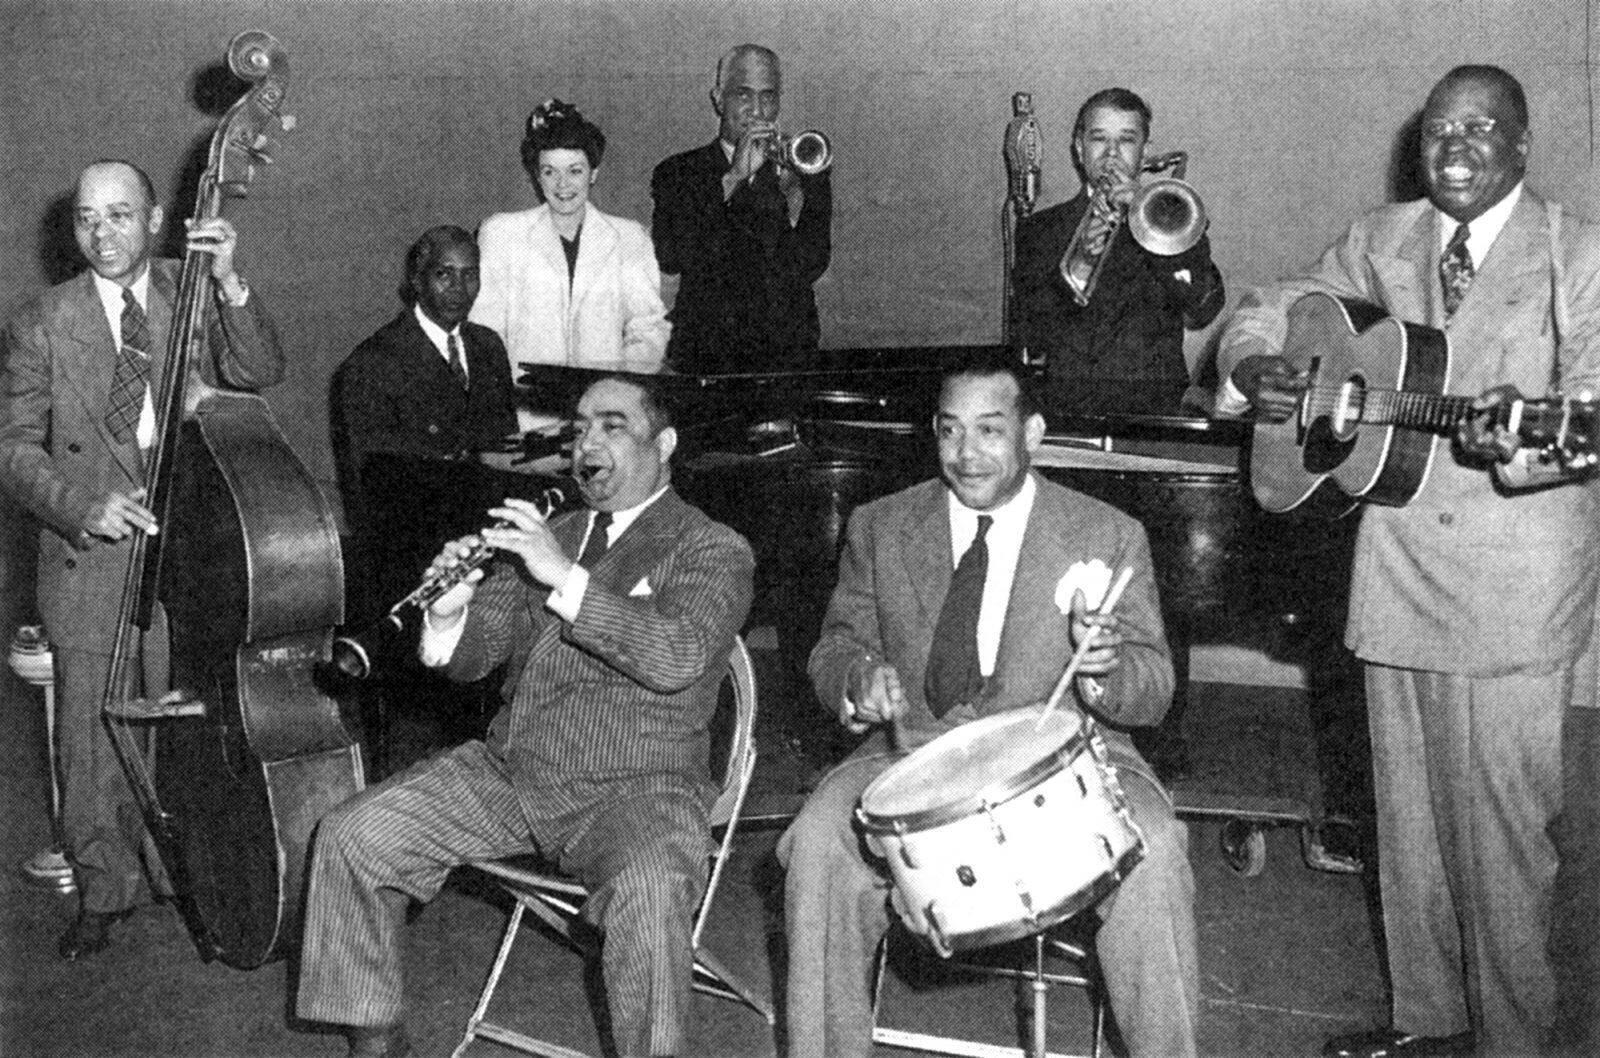 Jimmie Noone: Profiles in Jazz